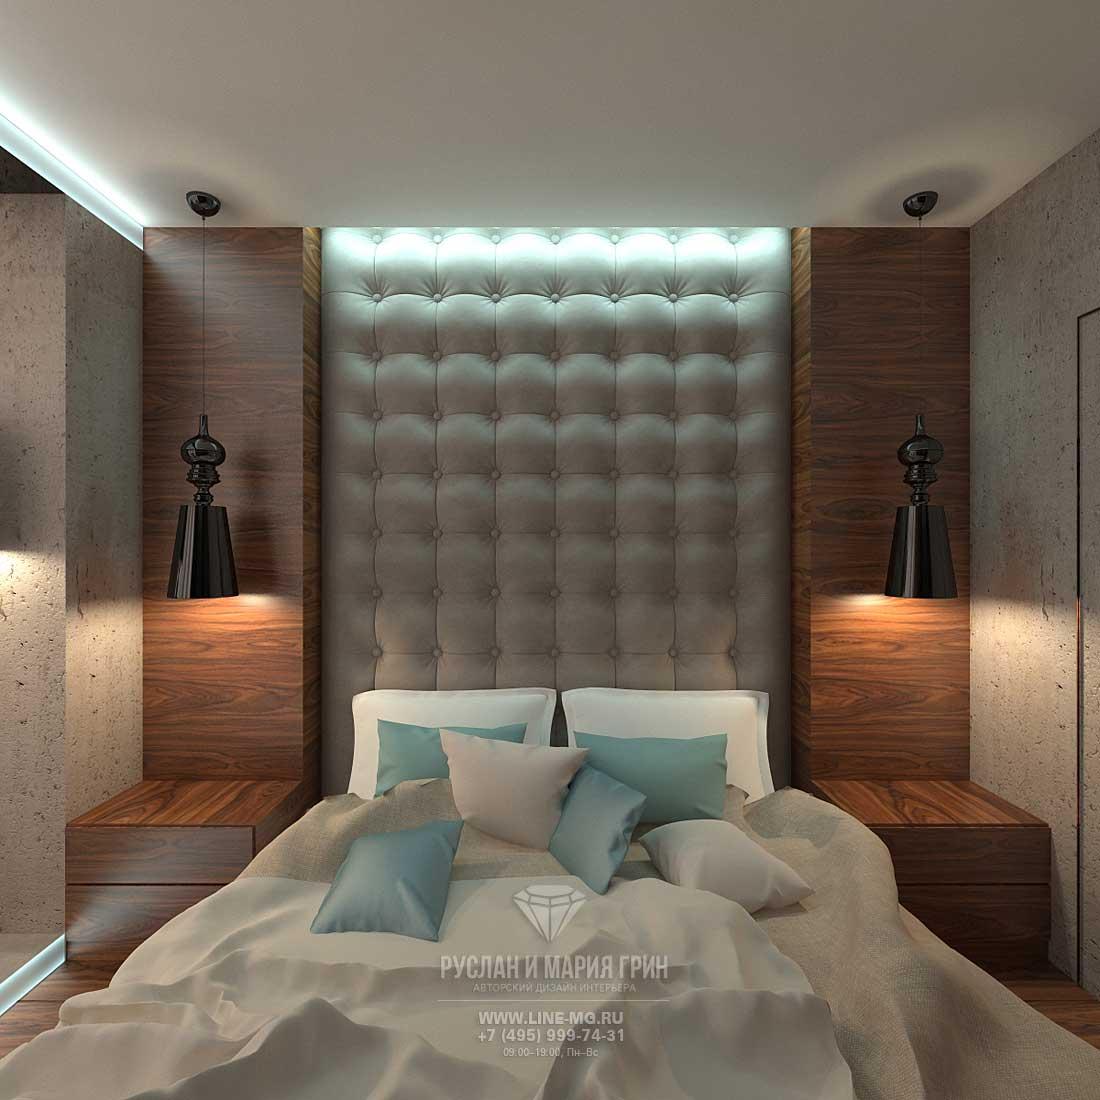 Дизайн современной спальни. Фото 2016